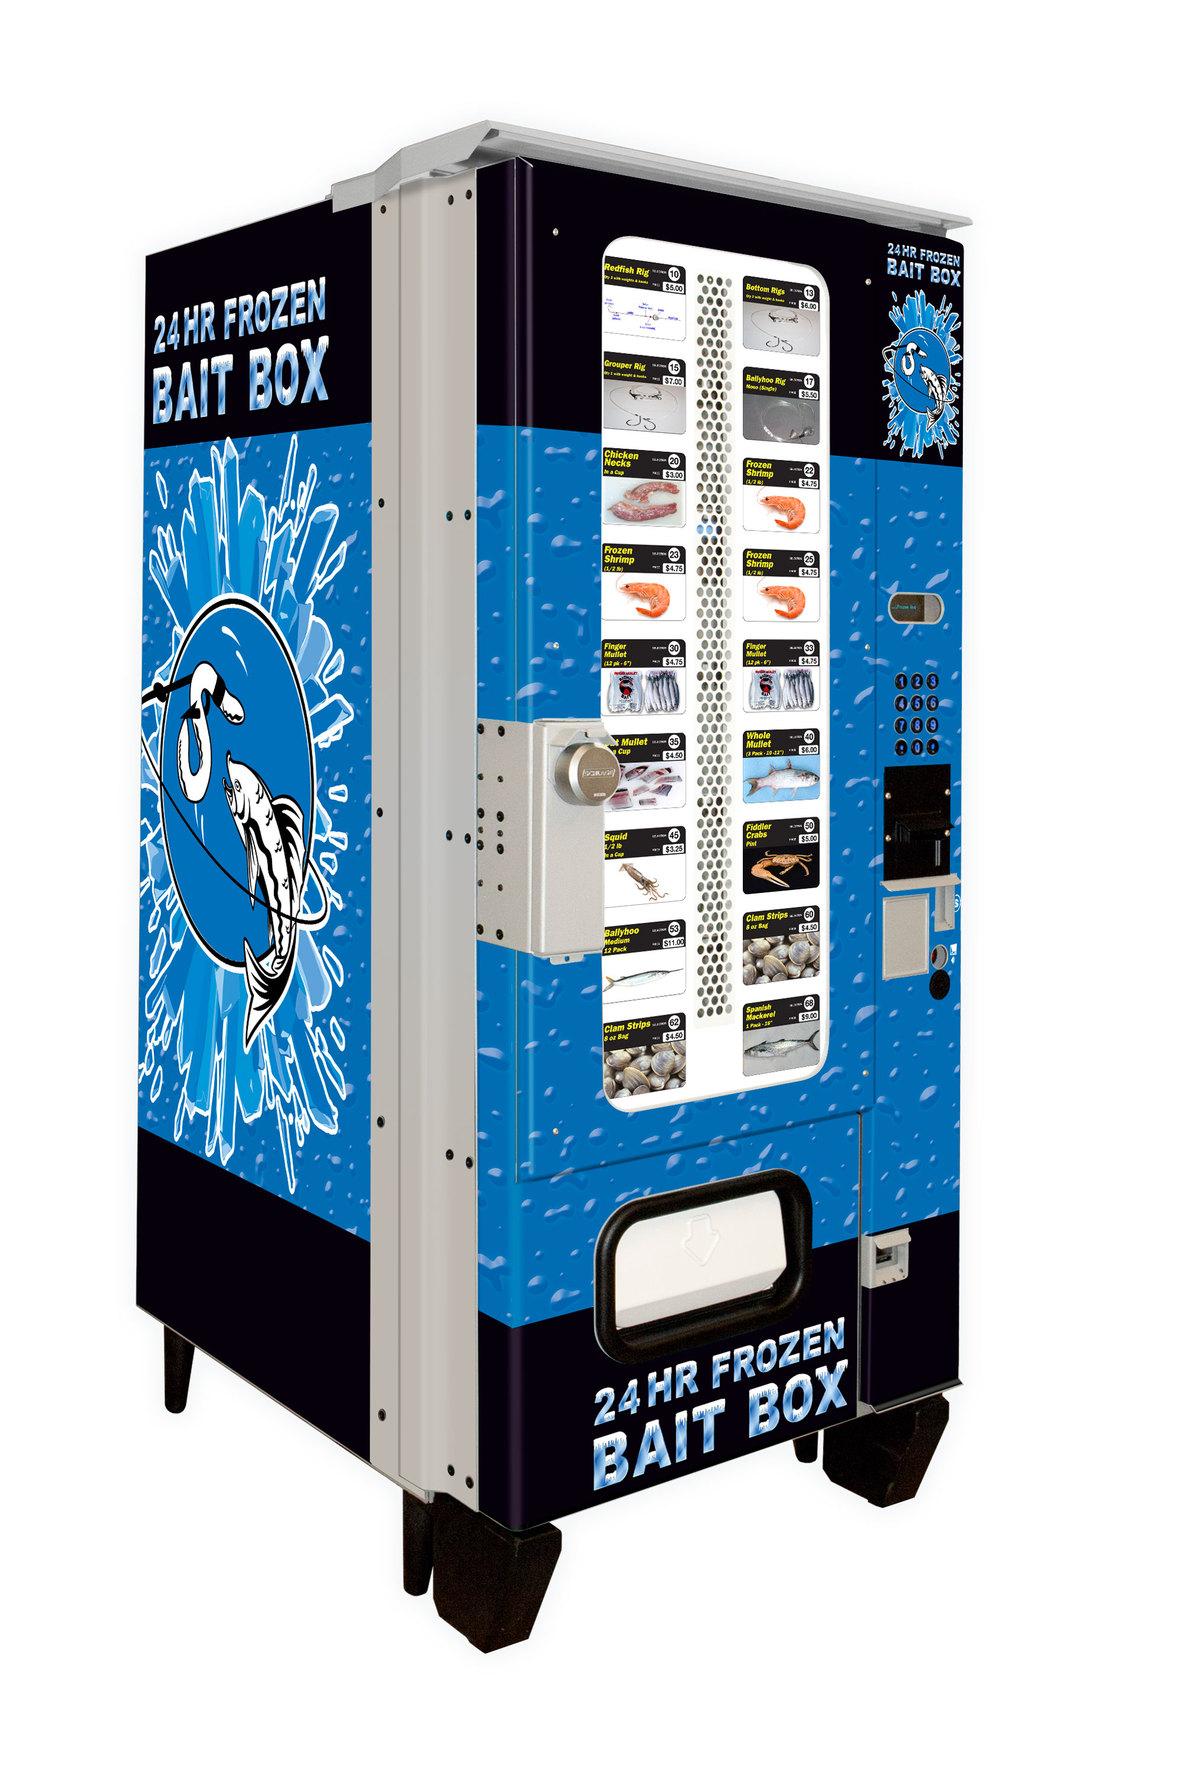 Model-3585-Frozen-Bait-Box new key